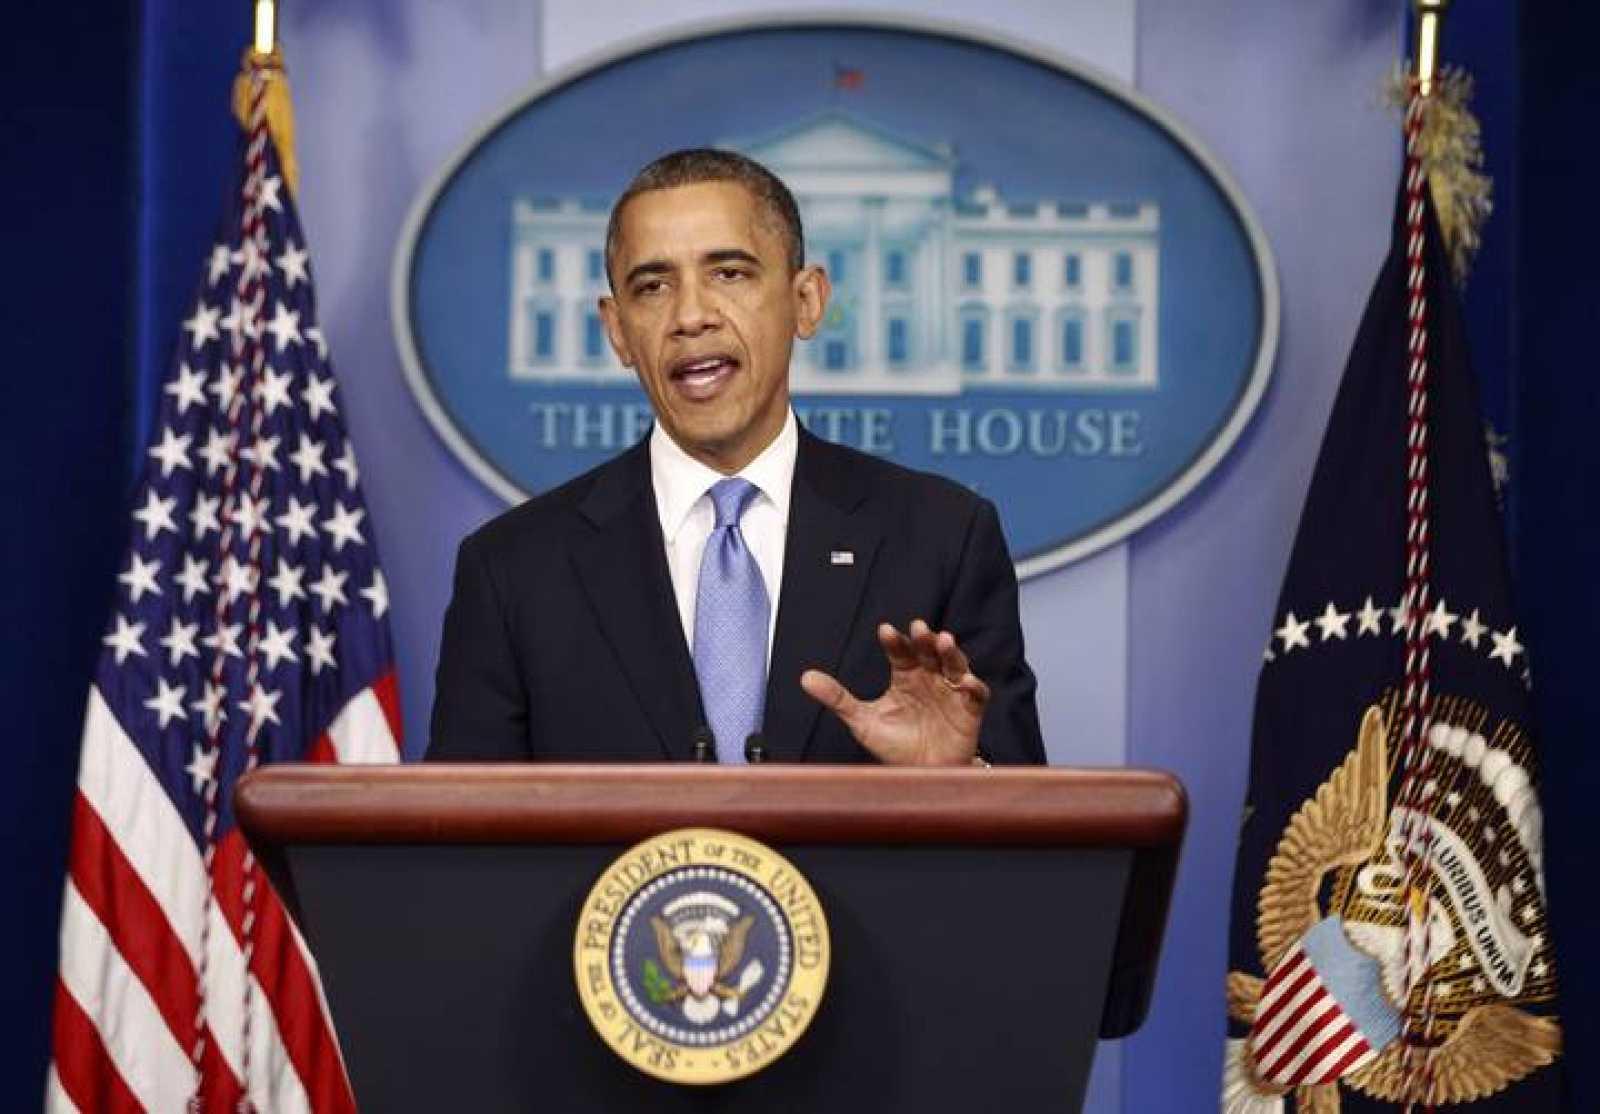 El presidente de EE.UU., Barack Obama, dirige un discurso a la nación para informar del huracán 'Sandy'.